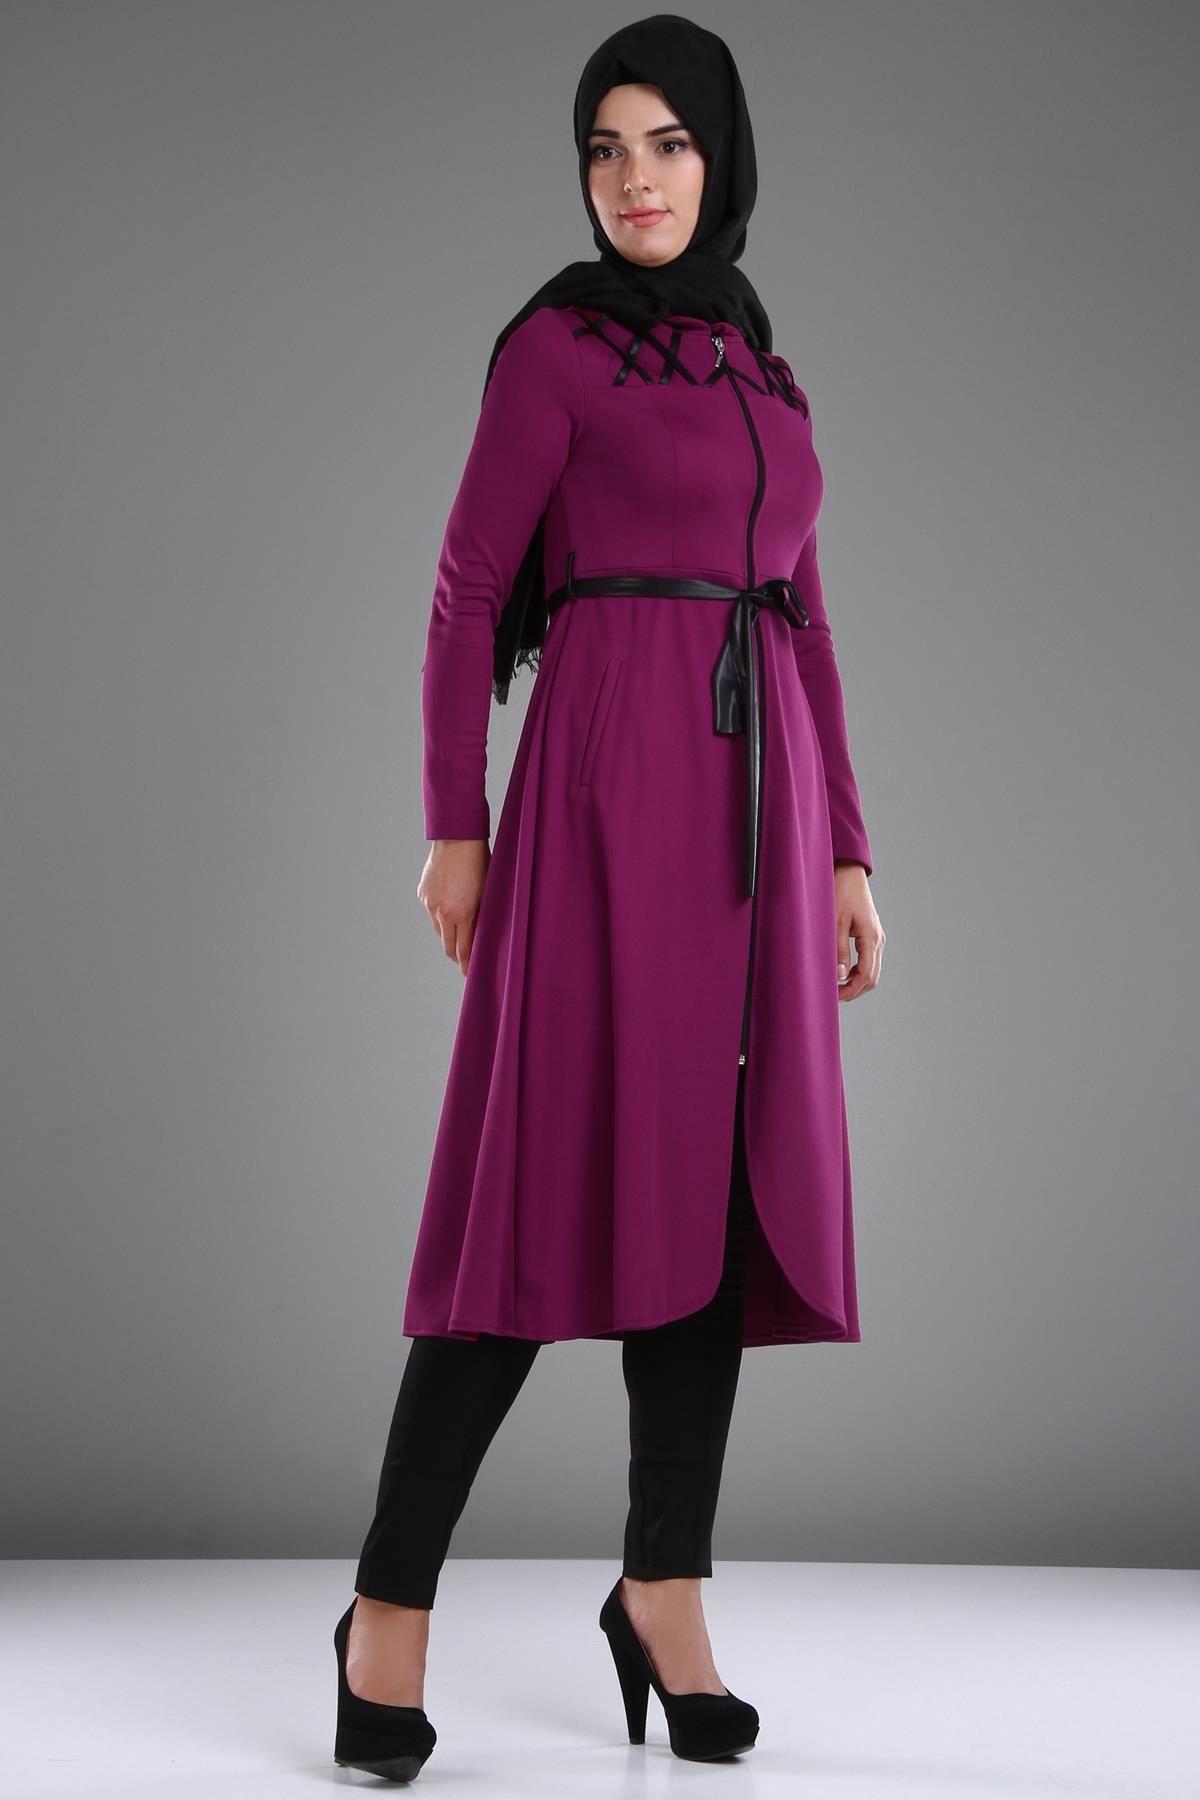 Murdum Patirti Tesettur Tunik Modelleri Giyim Moda Moda Stilleri